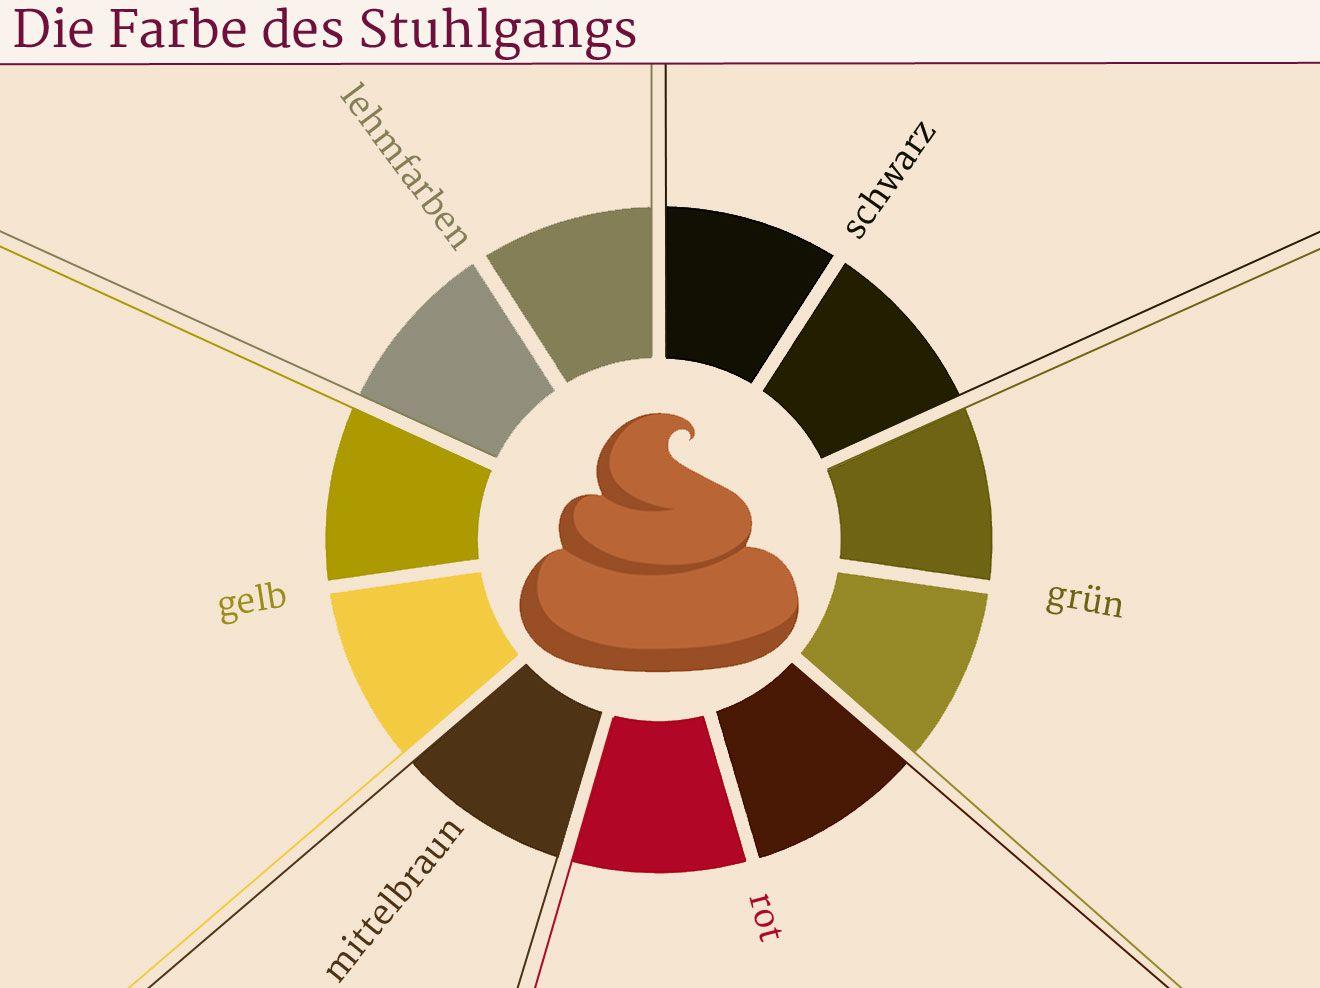 Grüner Schwarzer Gelber Stuhl Farben Des Kots Deuten Stuhl